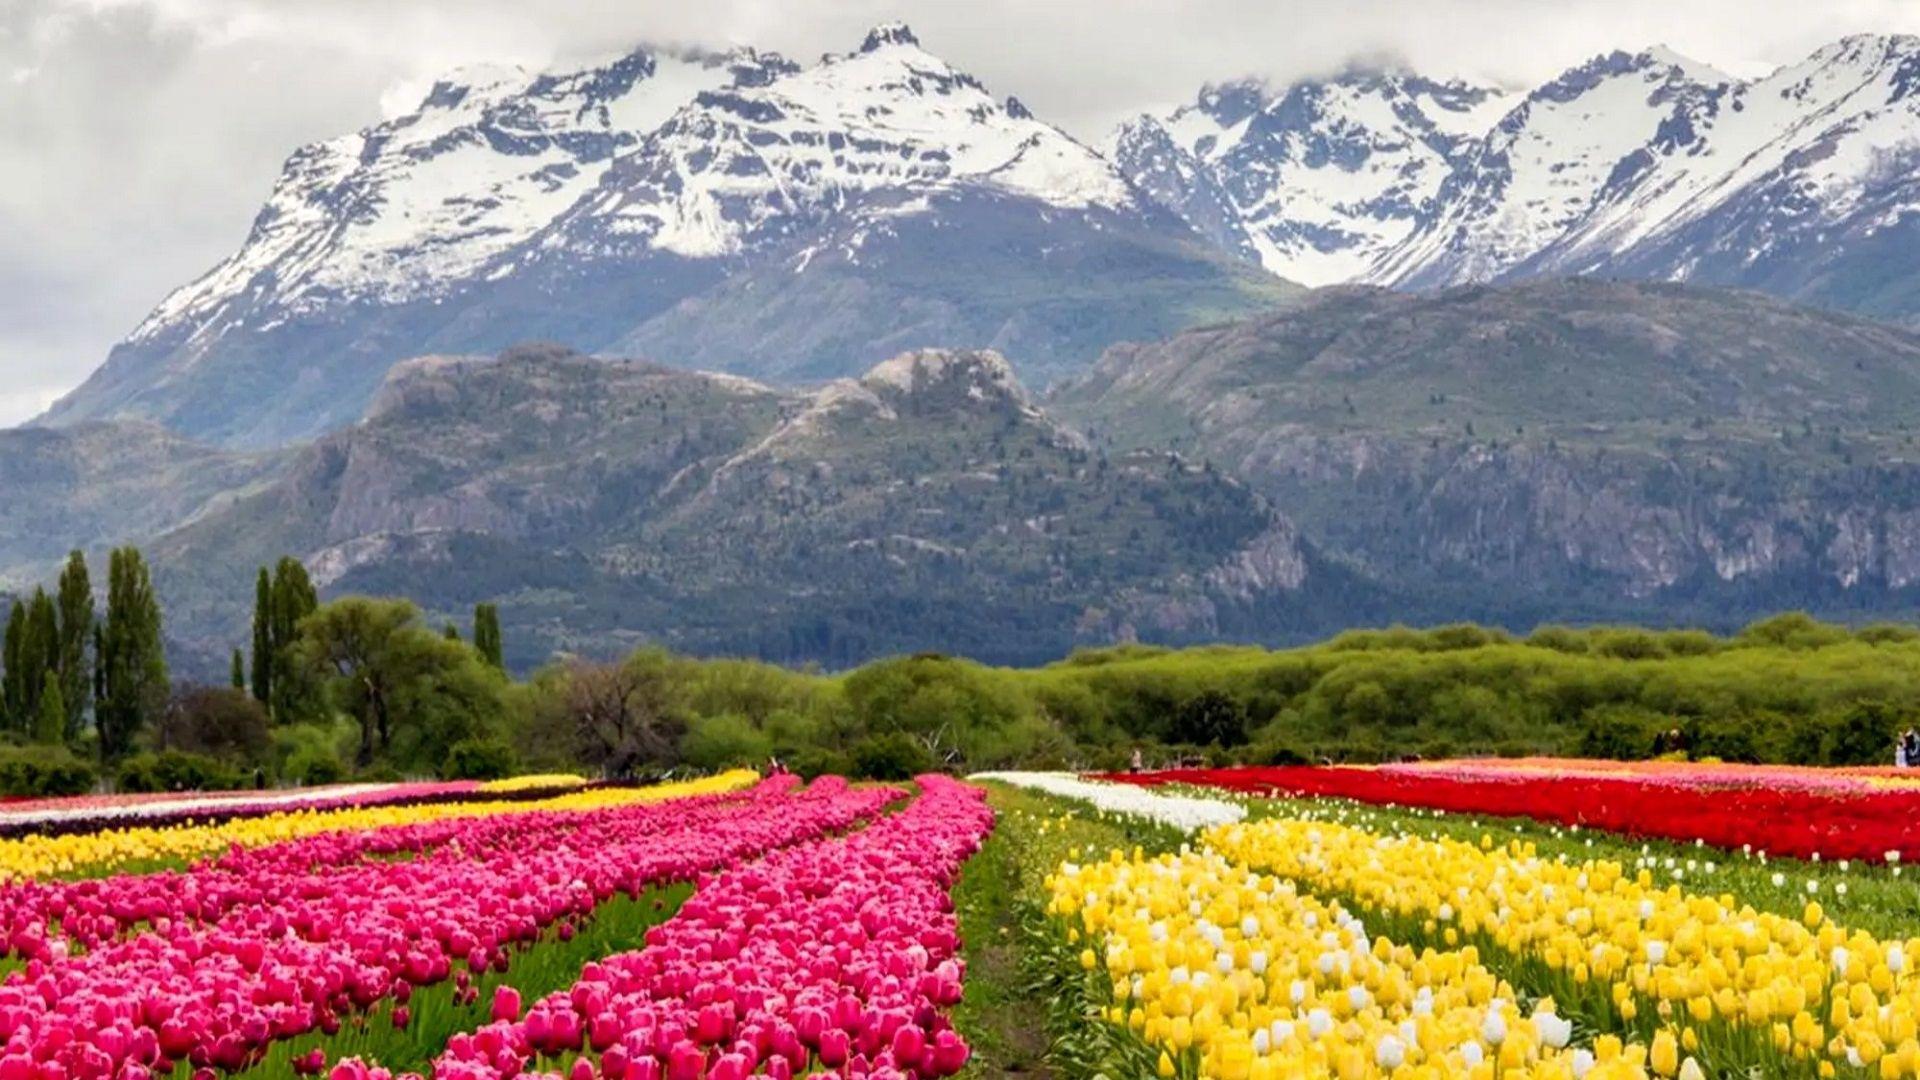 El Campo de Tulipanes de Trevelin, un paisaje único en la Patagonia -  IMPULSO